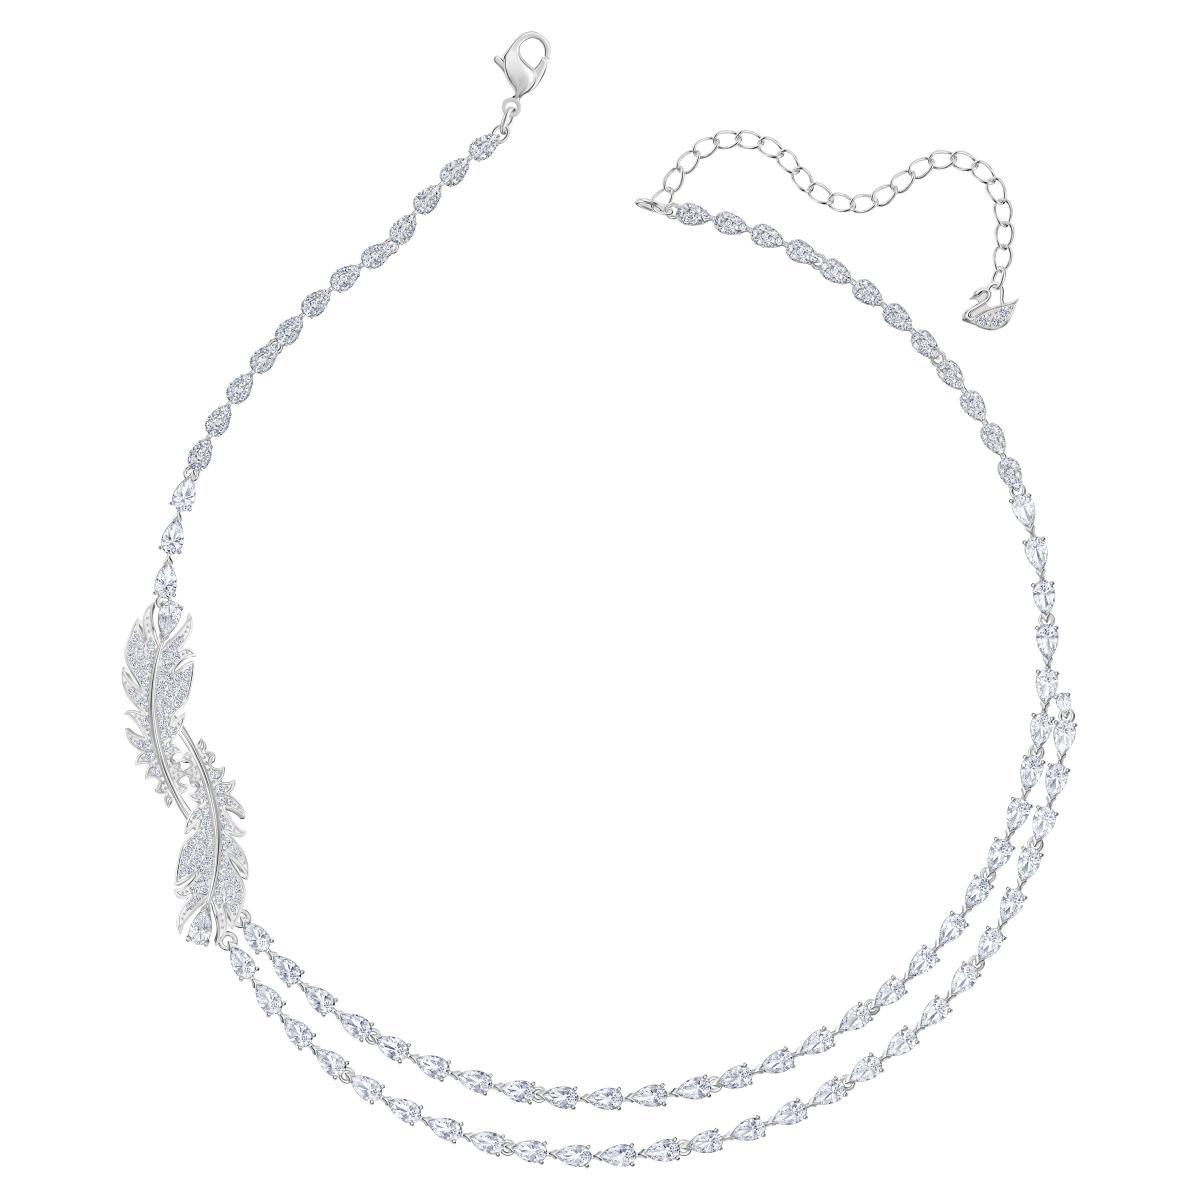 Collier et pendentif Swarovski 5493404 - Double Rang Métal Argenté Plume  Cristaux Incolores Femme